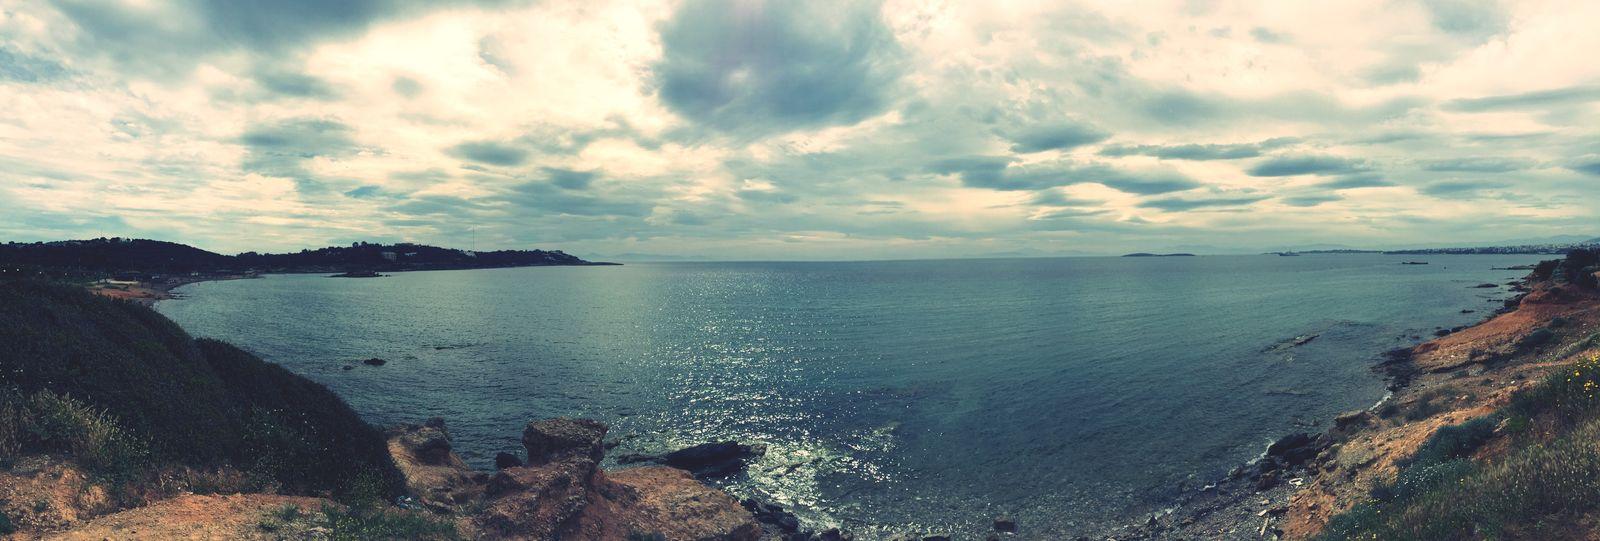 Sea seaside Sea And Sky